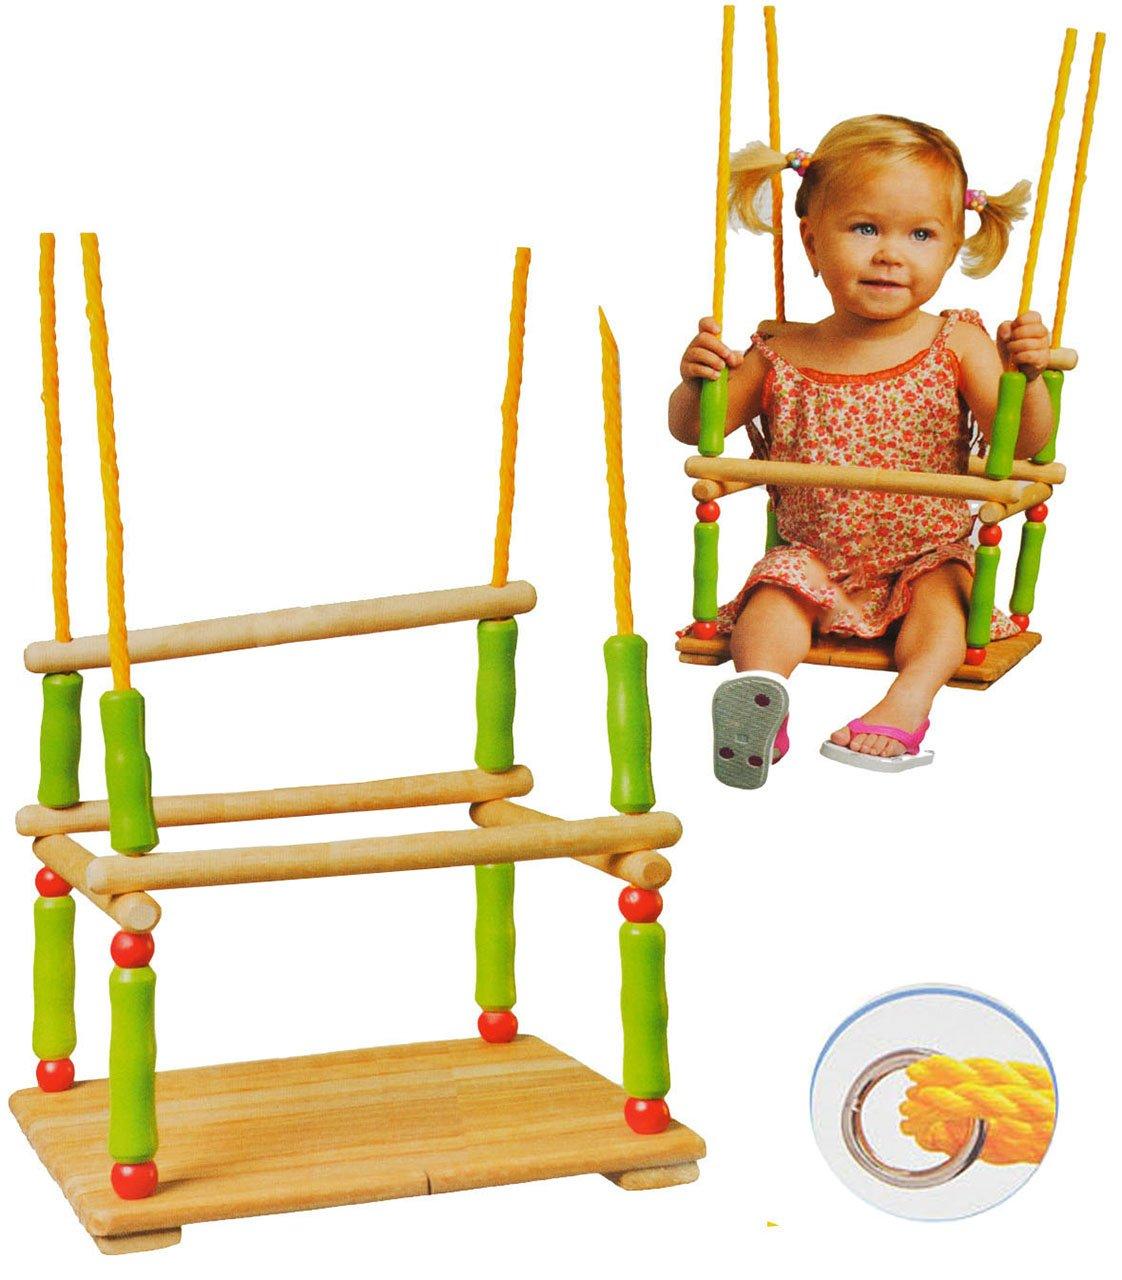 Schaukel aus Holz - Gitterschaukel - incl. Name - Kinderschaukel - leichter Einstieg ! Babyschaukel - Sicherheitsgurt Kleinkindschaukel verstellbar - Holzschaukel Baby Kinder - Holzgitterschaukel für Innen und Außen alles-meine.de GmbH